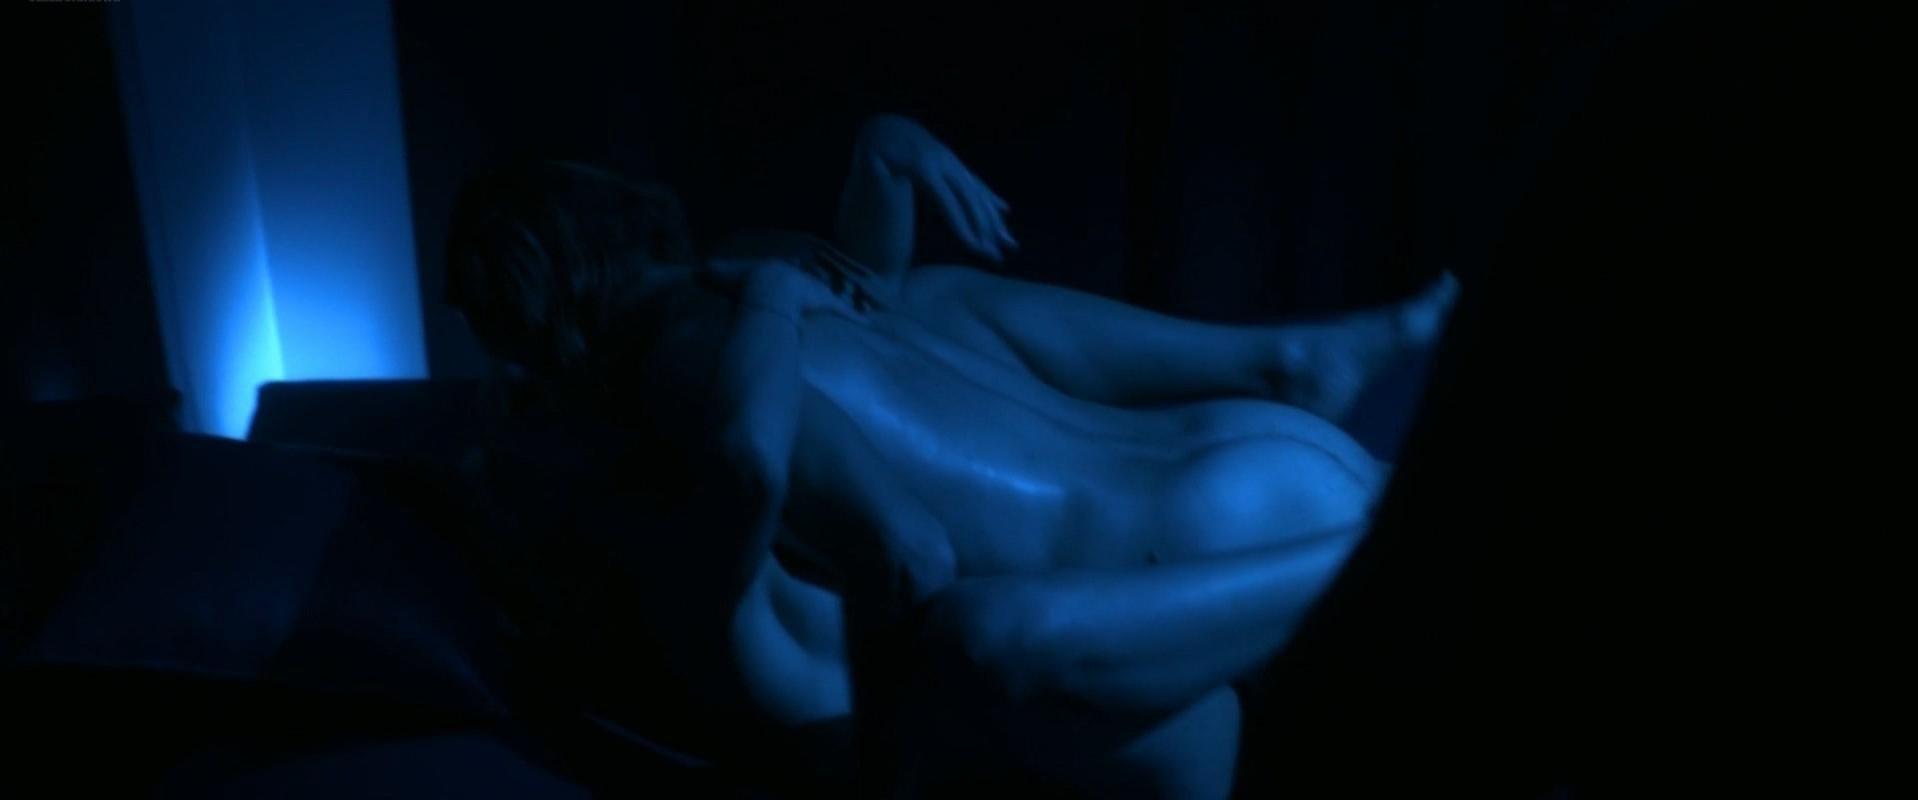 Anita Kravos nude - E la chiamano estate (2012)